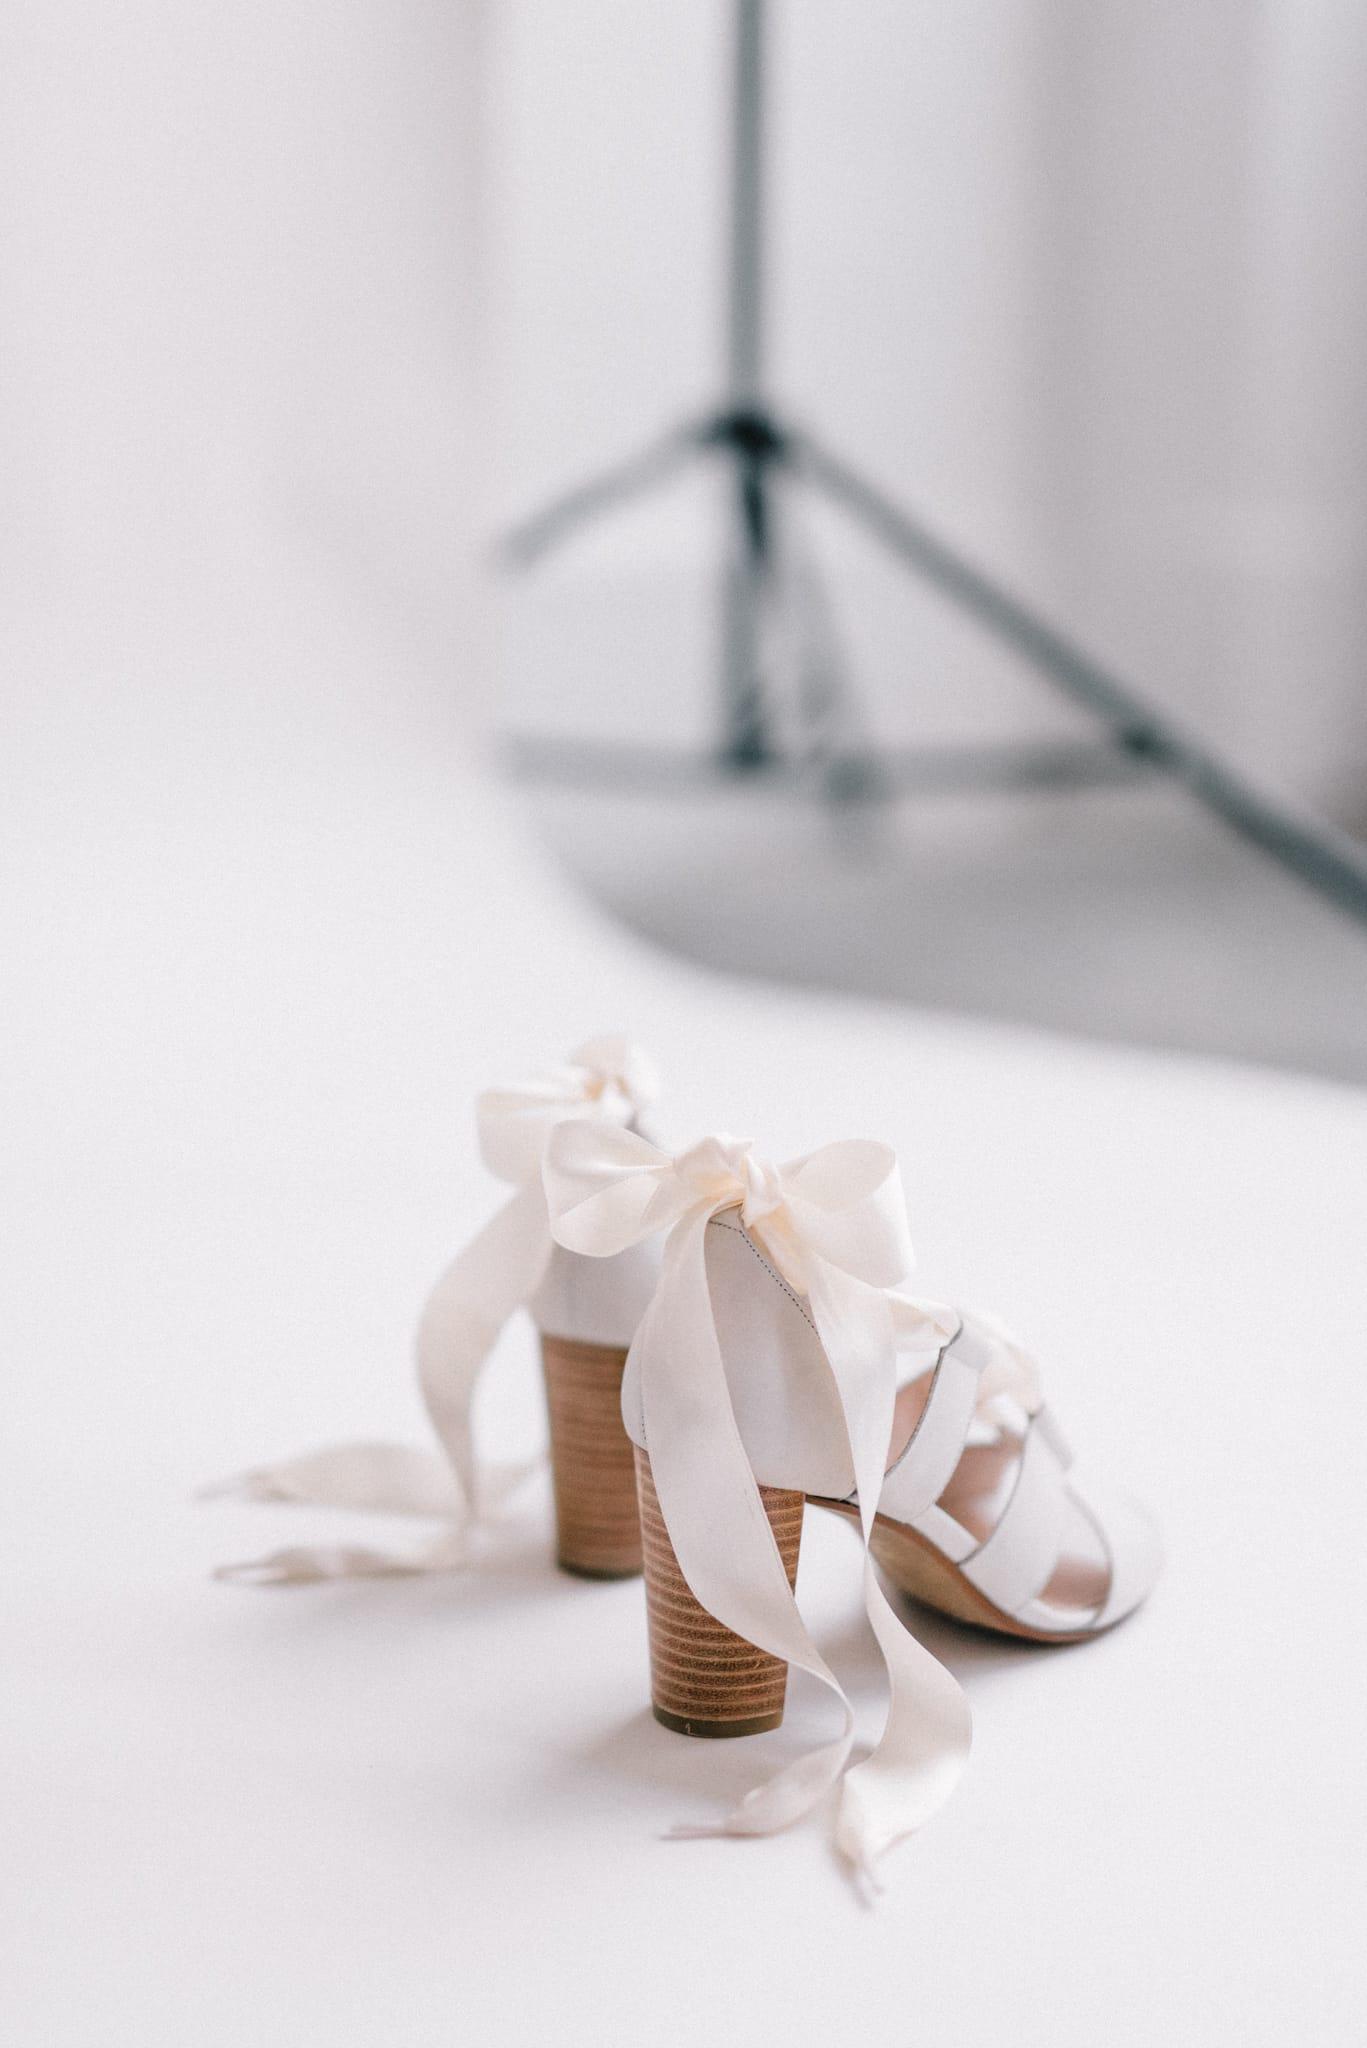 Sélection shopping mariage demoiselles d'honneur - La mariée aux pieds nus